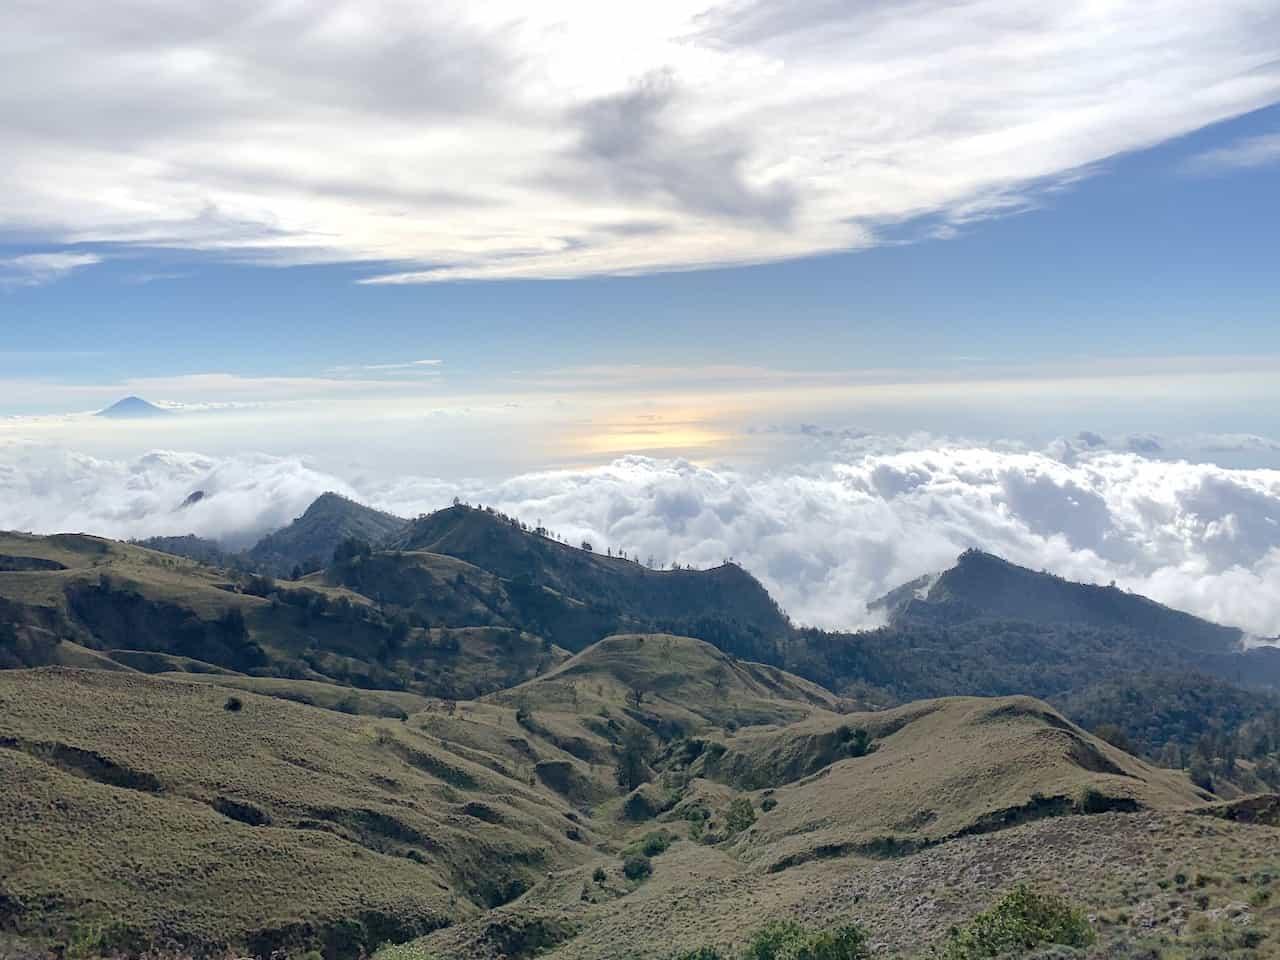 Mount Rinjani Senaru Crater